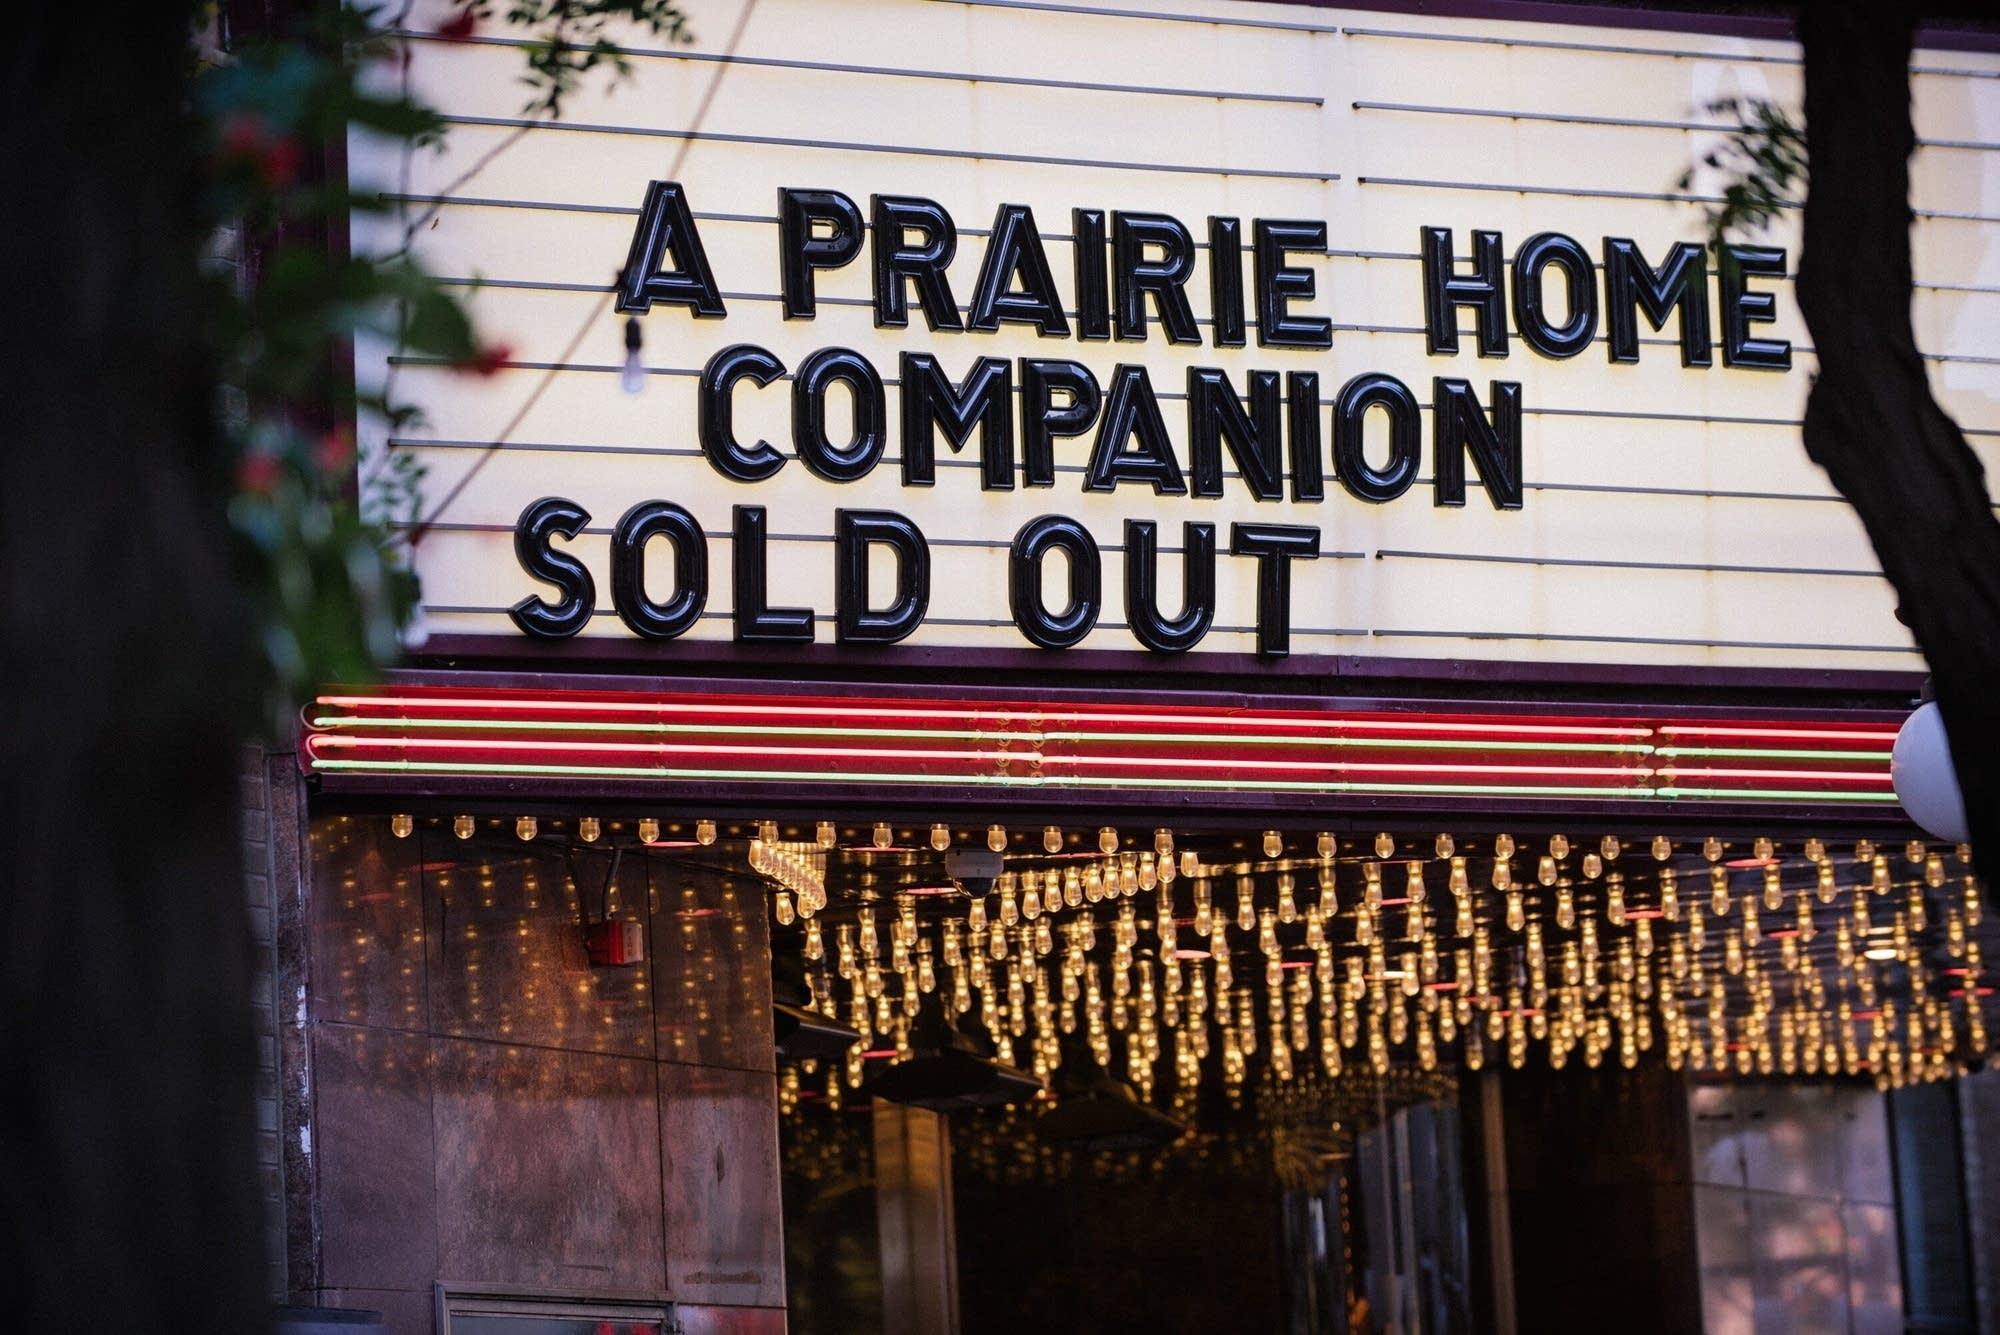 A Prairie Home Companion Season opener